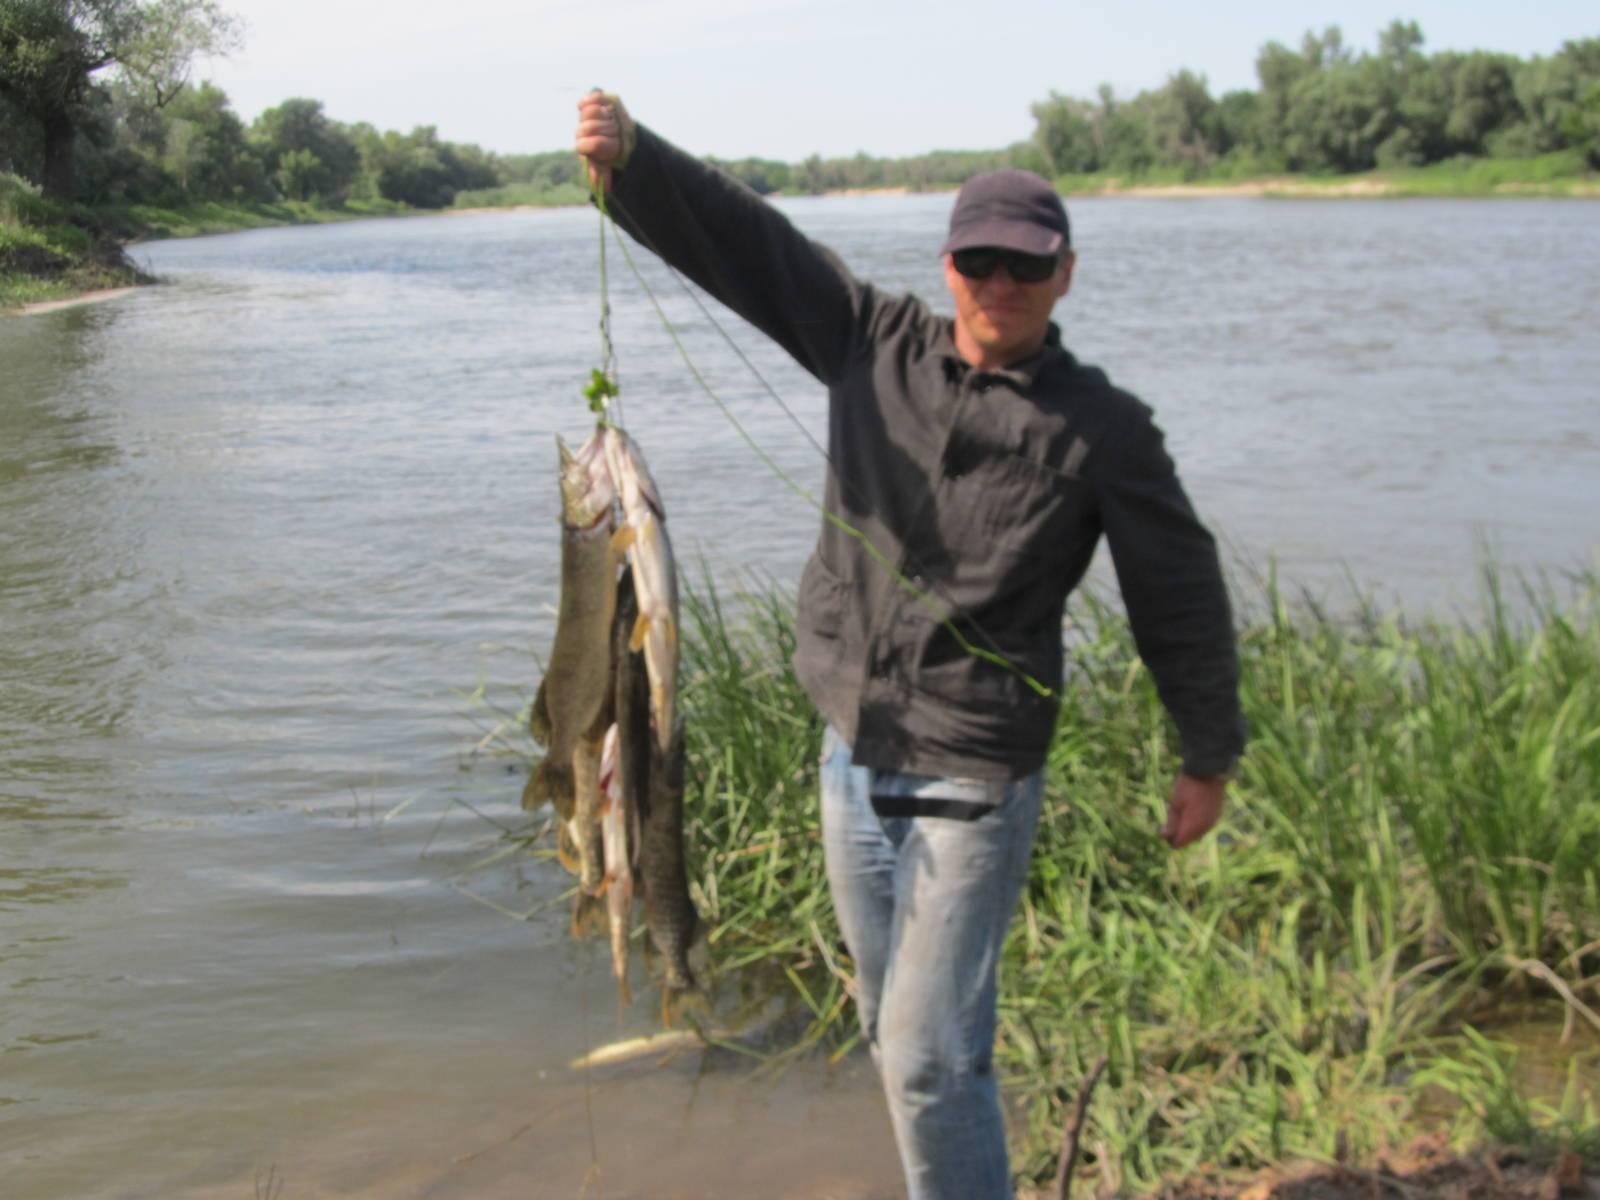 Рыбалка на дону в воронеже и воронежской области, в районе шилово и щучьем видео